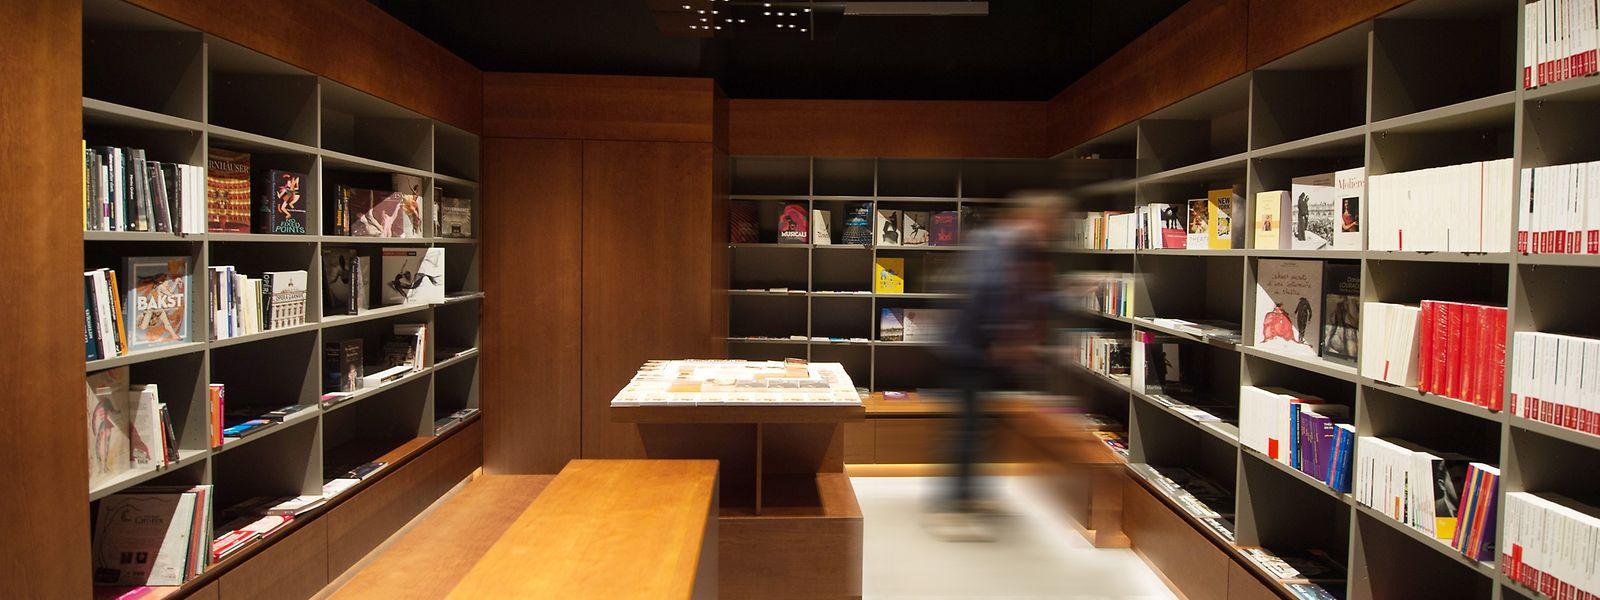 Das Sterben der Buchhändler findet zwar scheinbare Lösungen wie der Laden am Kapuzinertheater, doch auch die neue Unterstützungen für die Händler wäre eine Möglichkeit, wie man indirekt die Literaturszene und letztlich auch die nationalen Autoren fördern könnte.